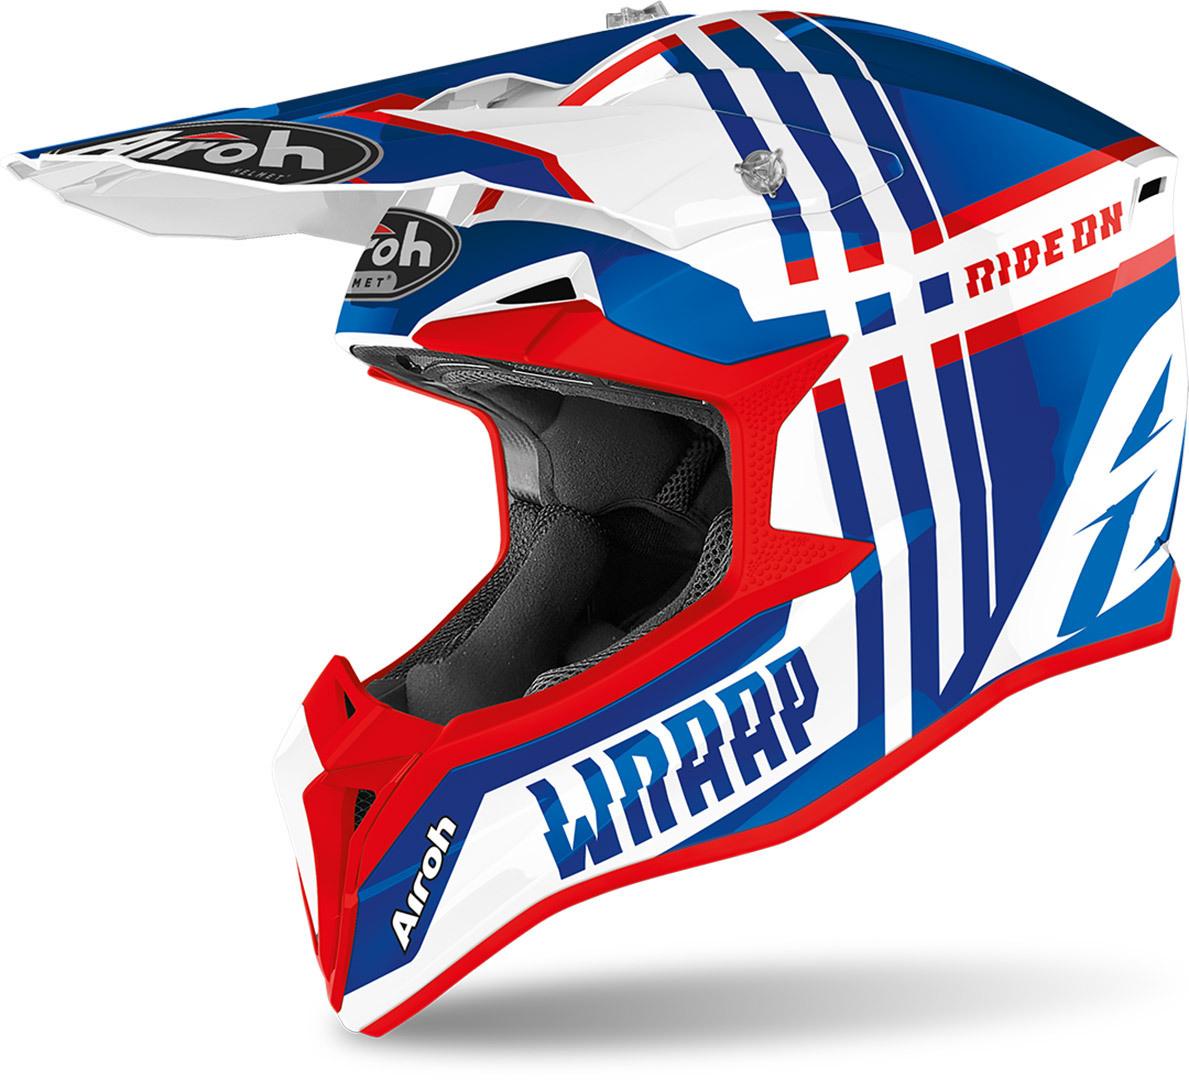 Airoh Wraap Broken Helmet Image